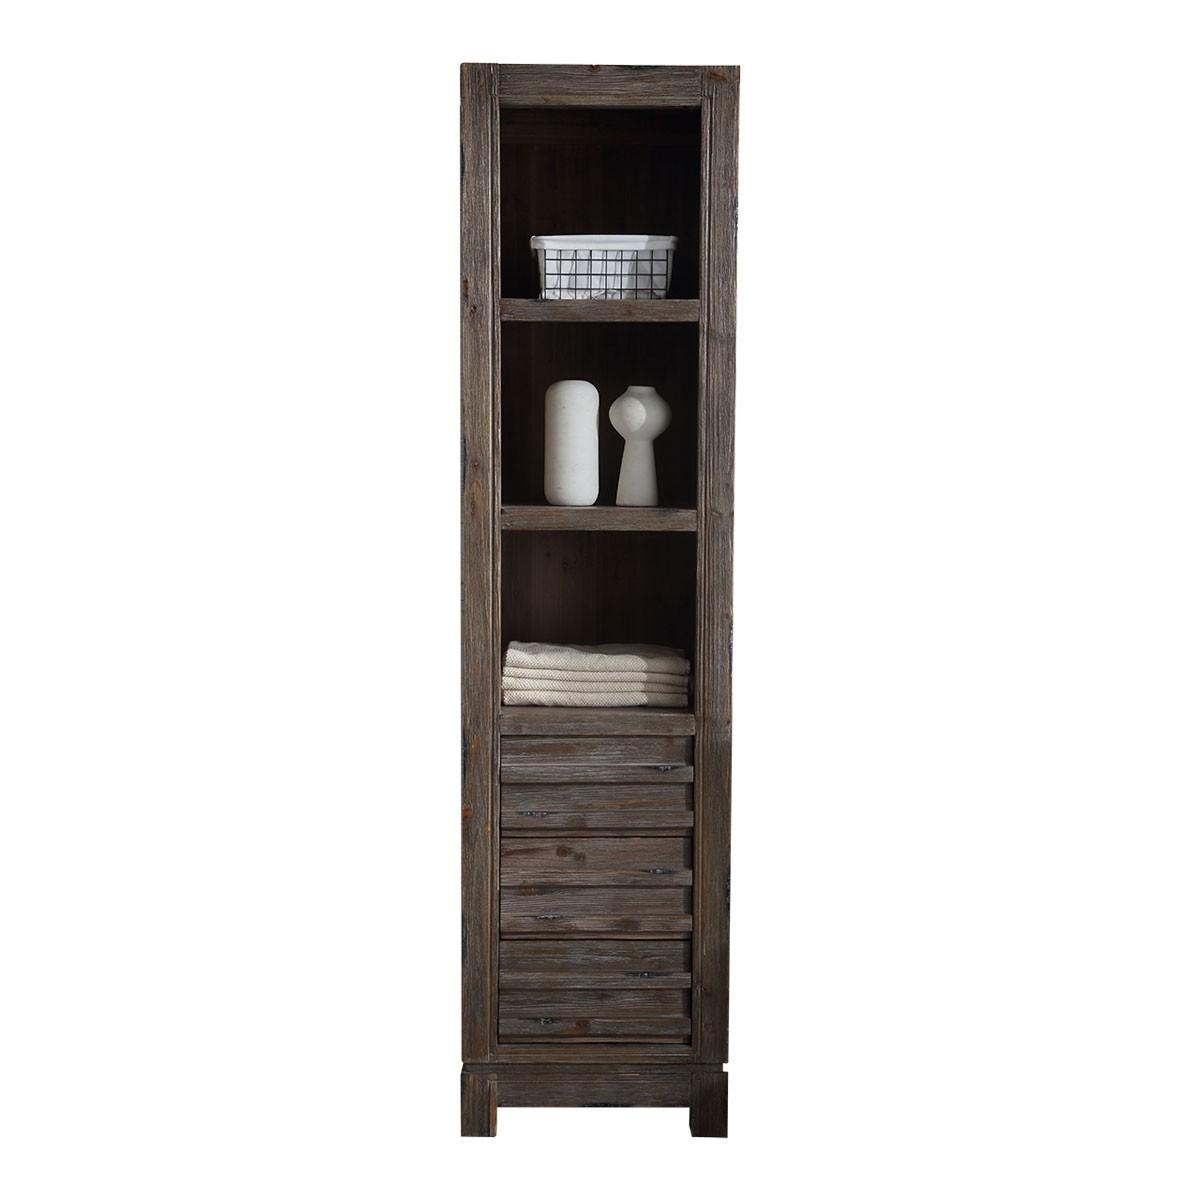 20 x 85 po Cabinet Latéral sur Pieds pour Vanité (DK-WH9220)